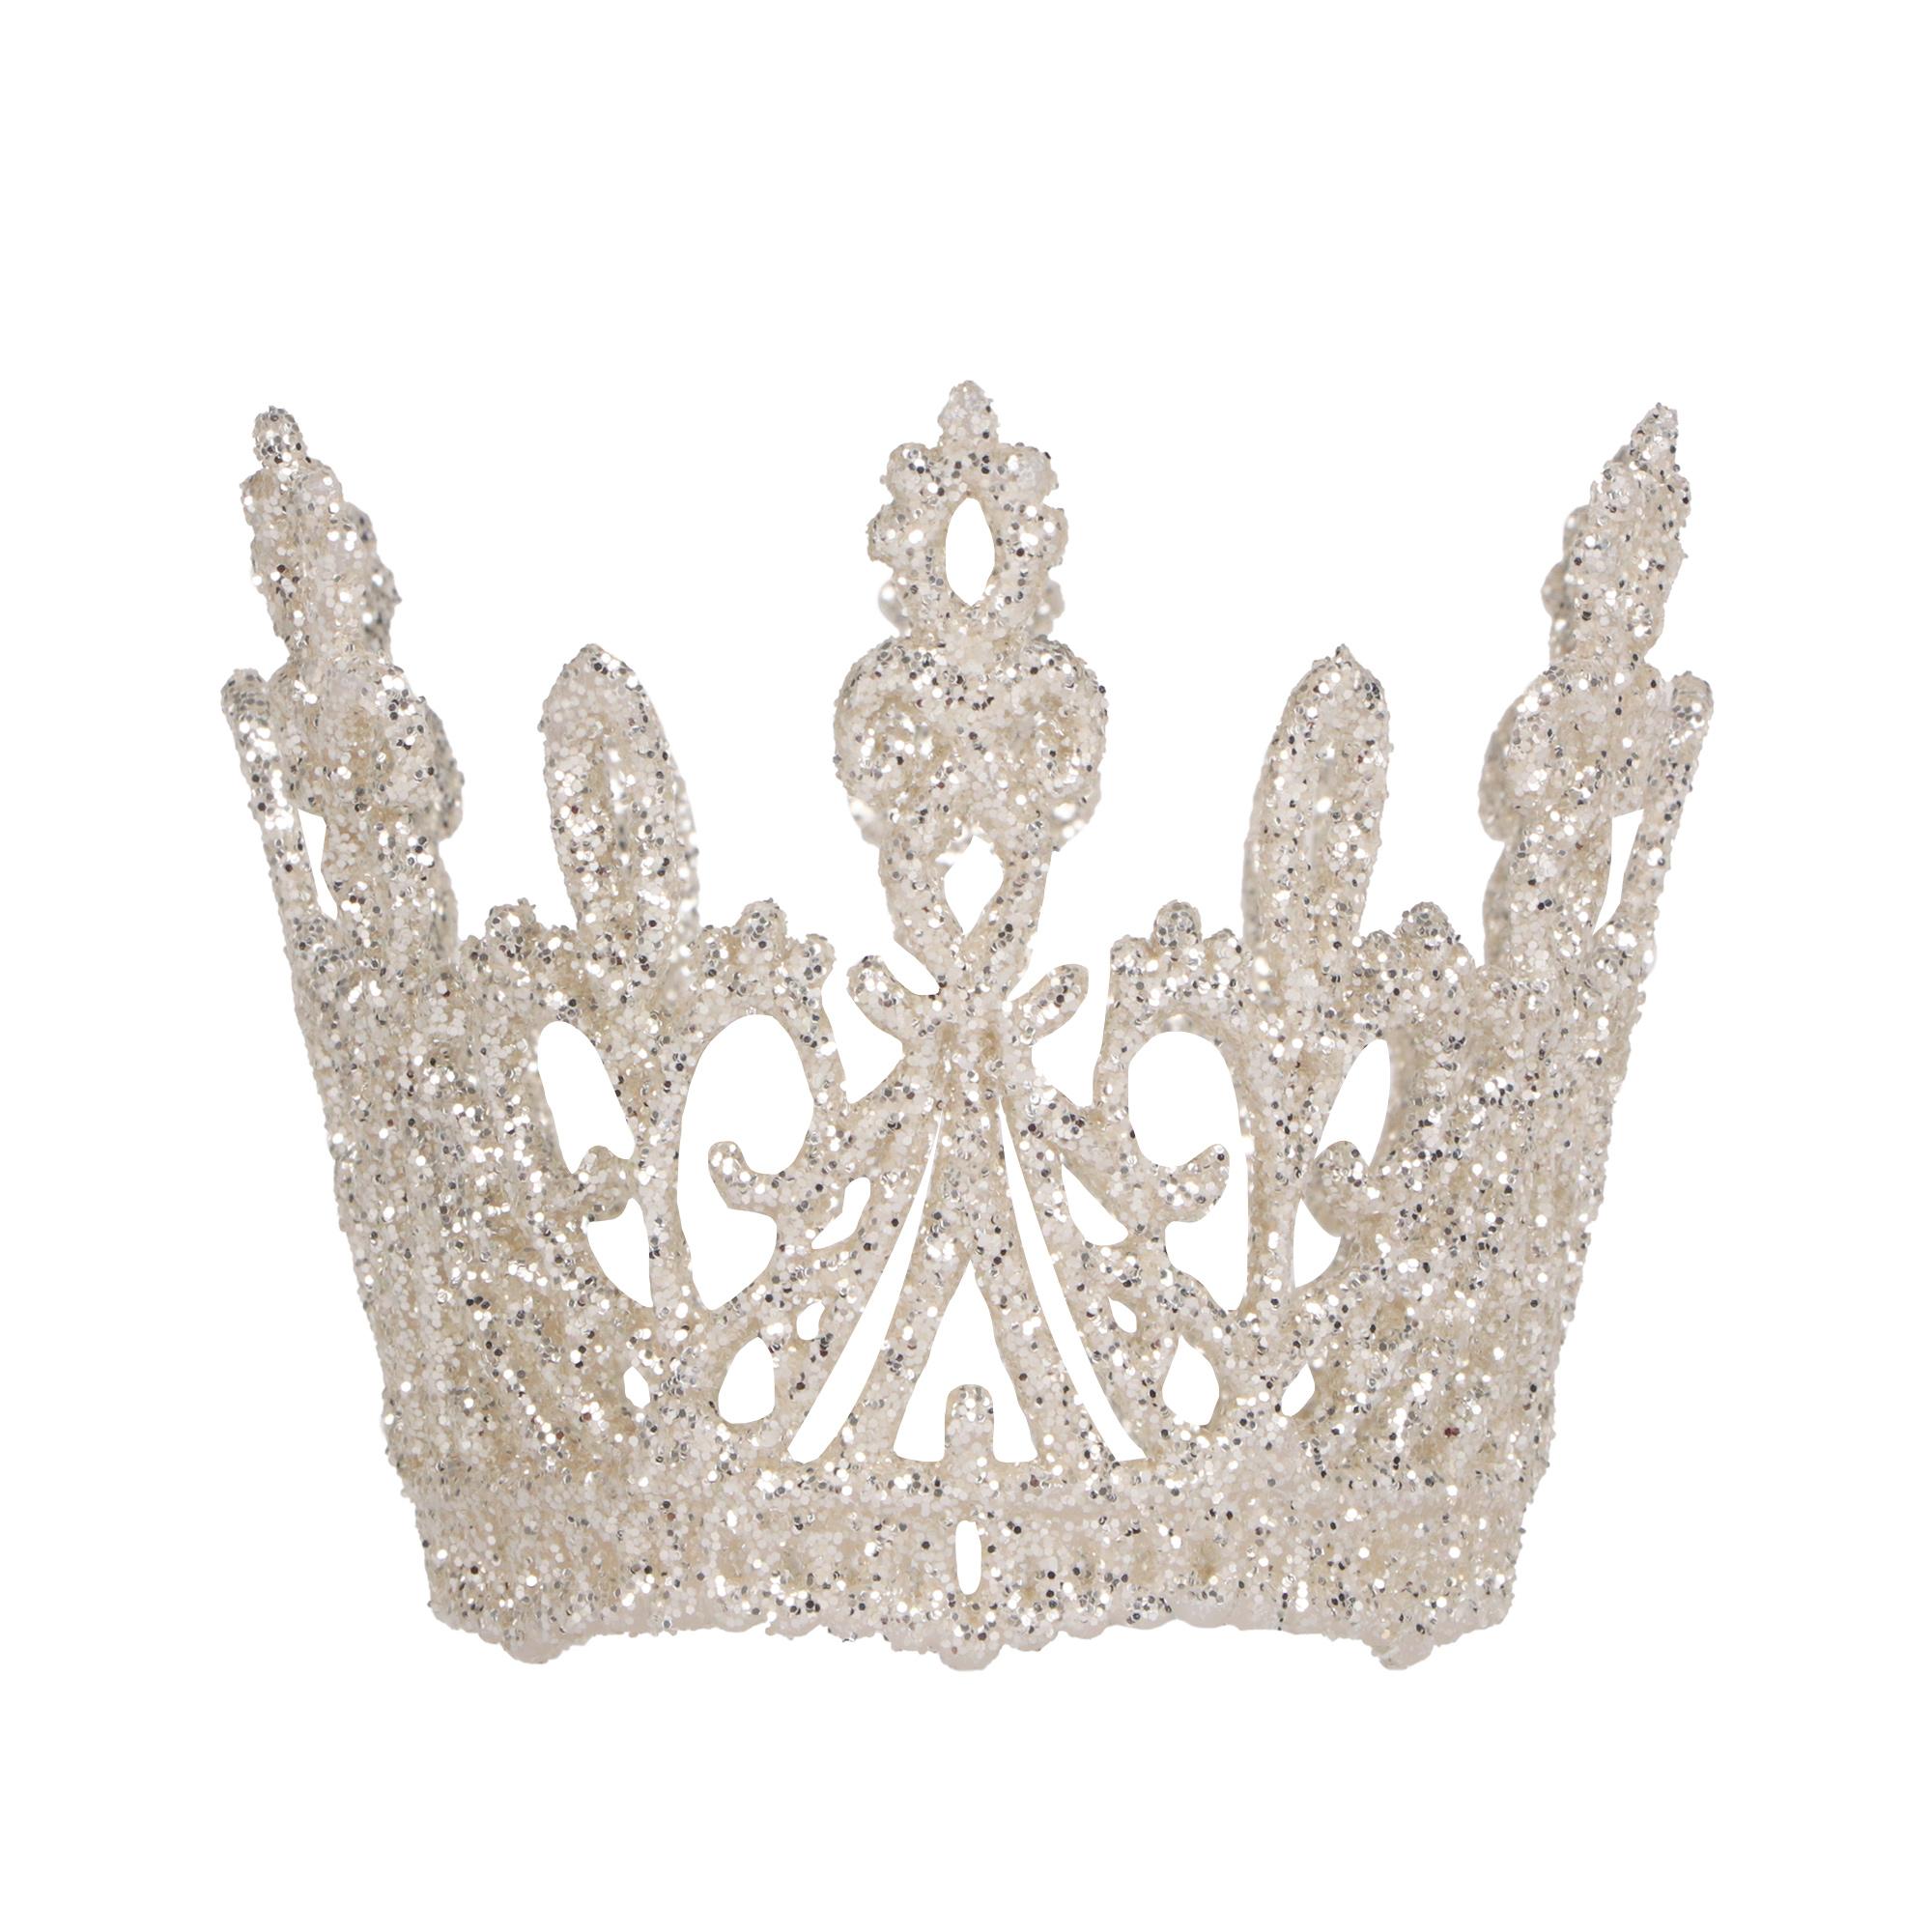 Подвеска Weiste корона жемчужный/серебро 75мм